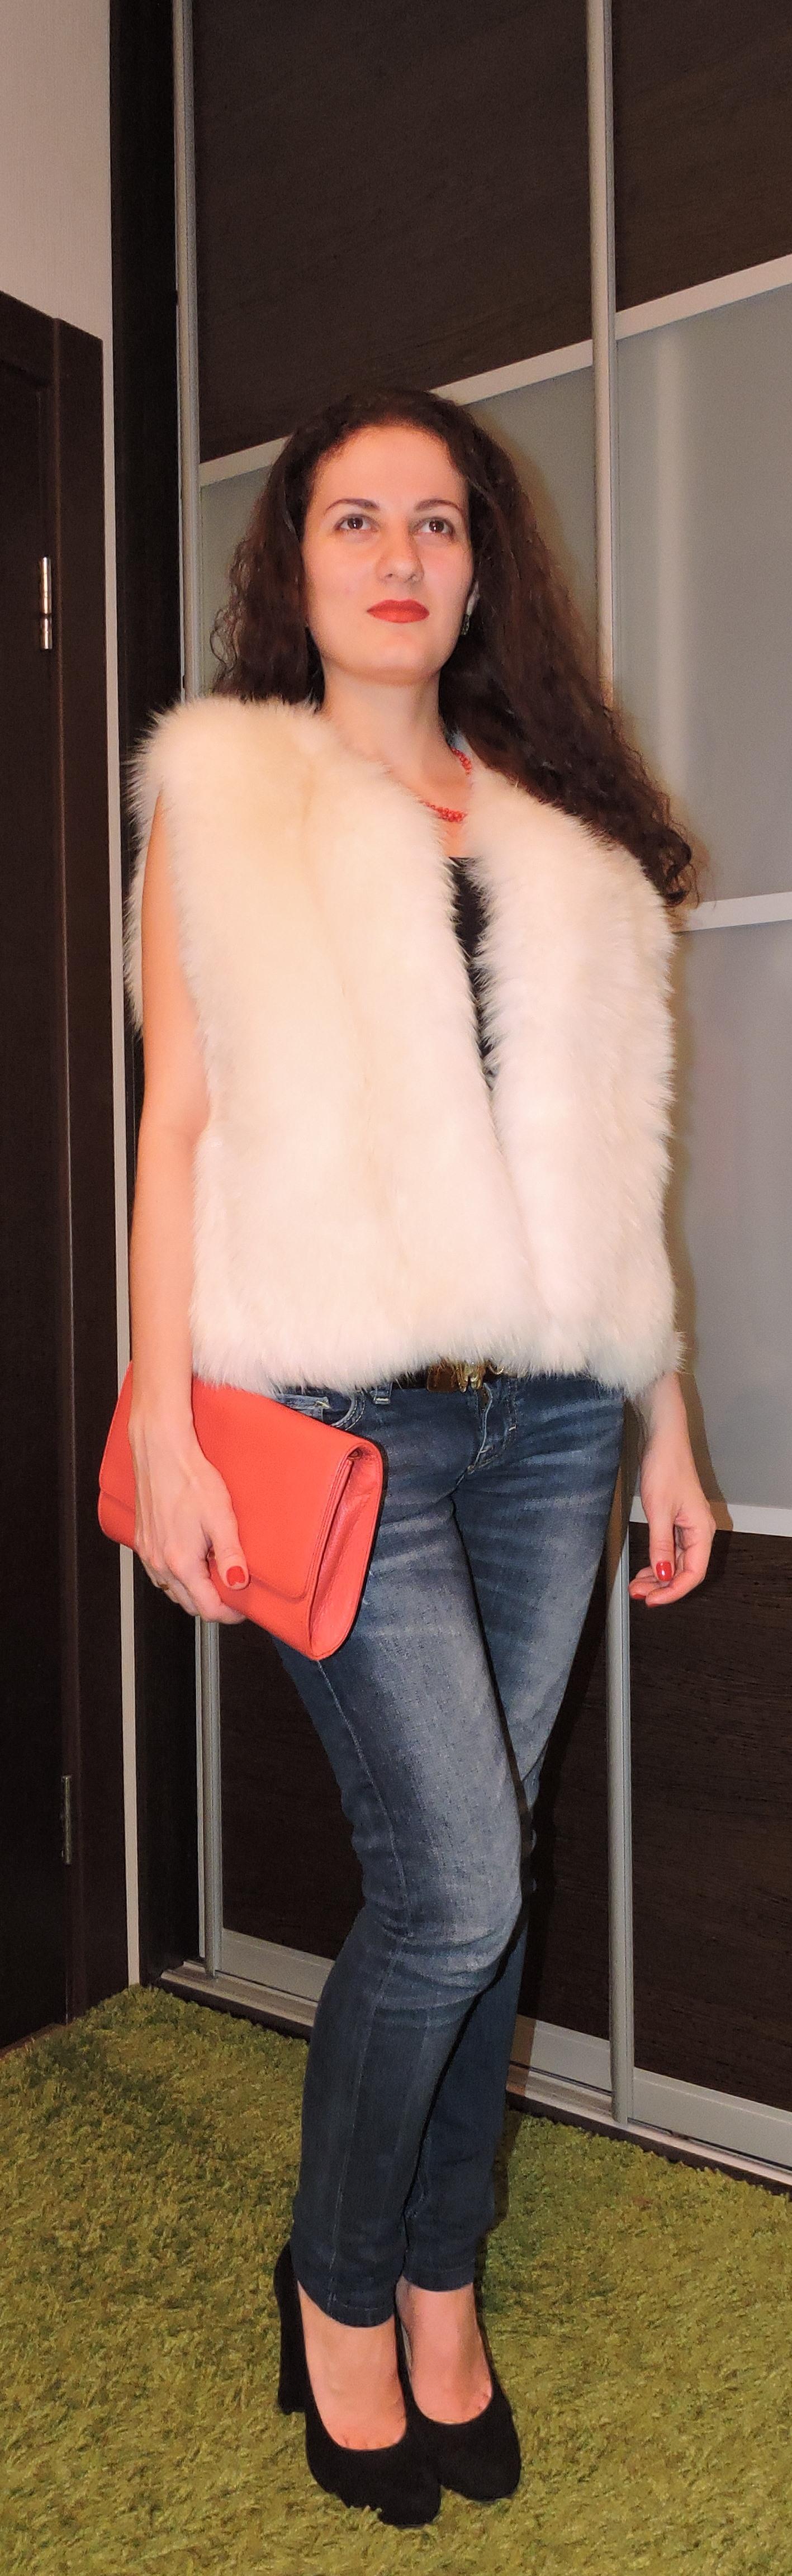 Жилетка из арктической лисы (песец) размер 40-46 www.showroom-mex.com 2.JPG